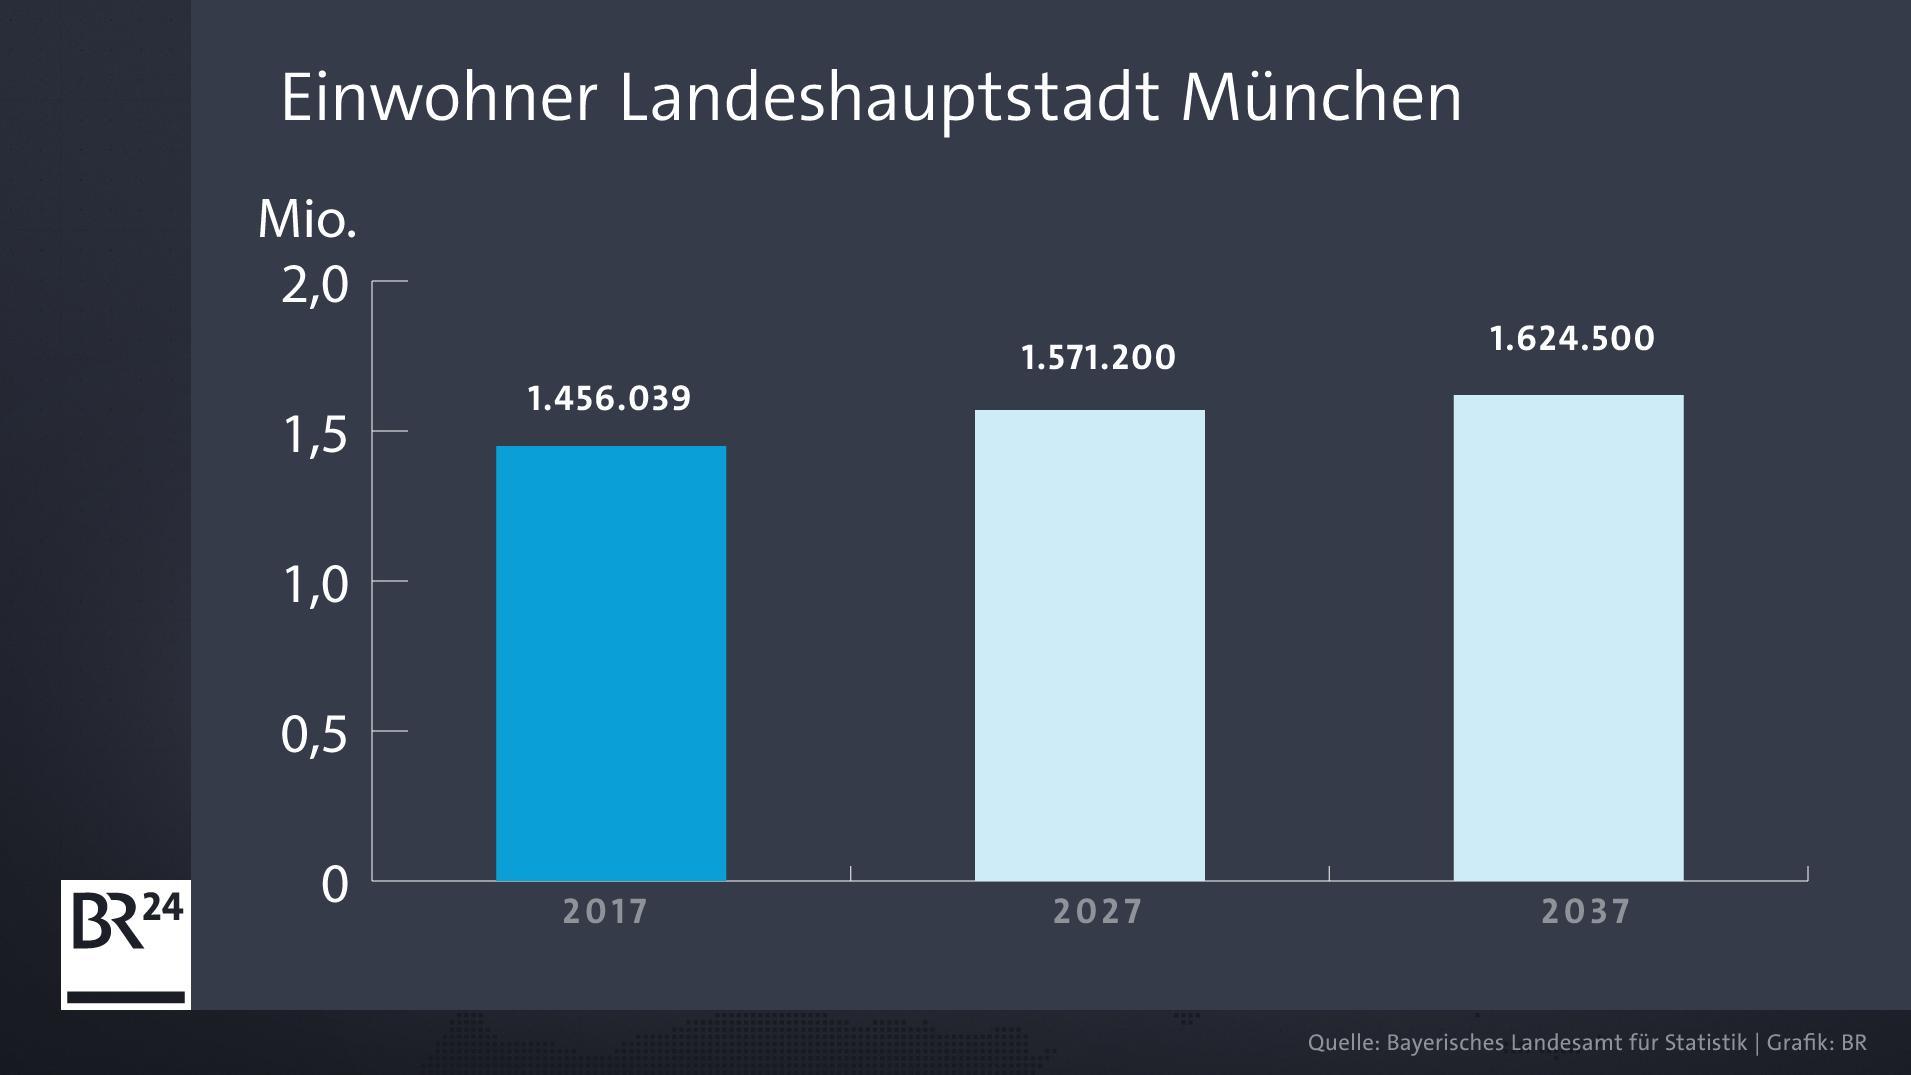 Infografik: Einwohner in der Landeshauptstadt München von 2017 bis 2037.